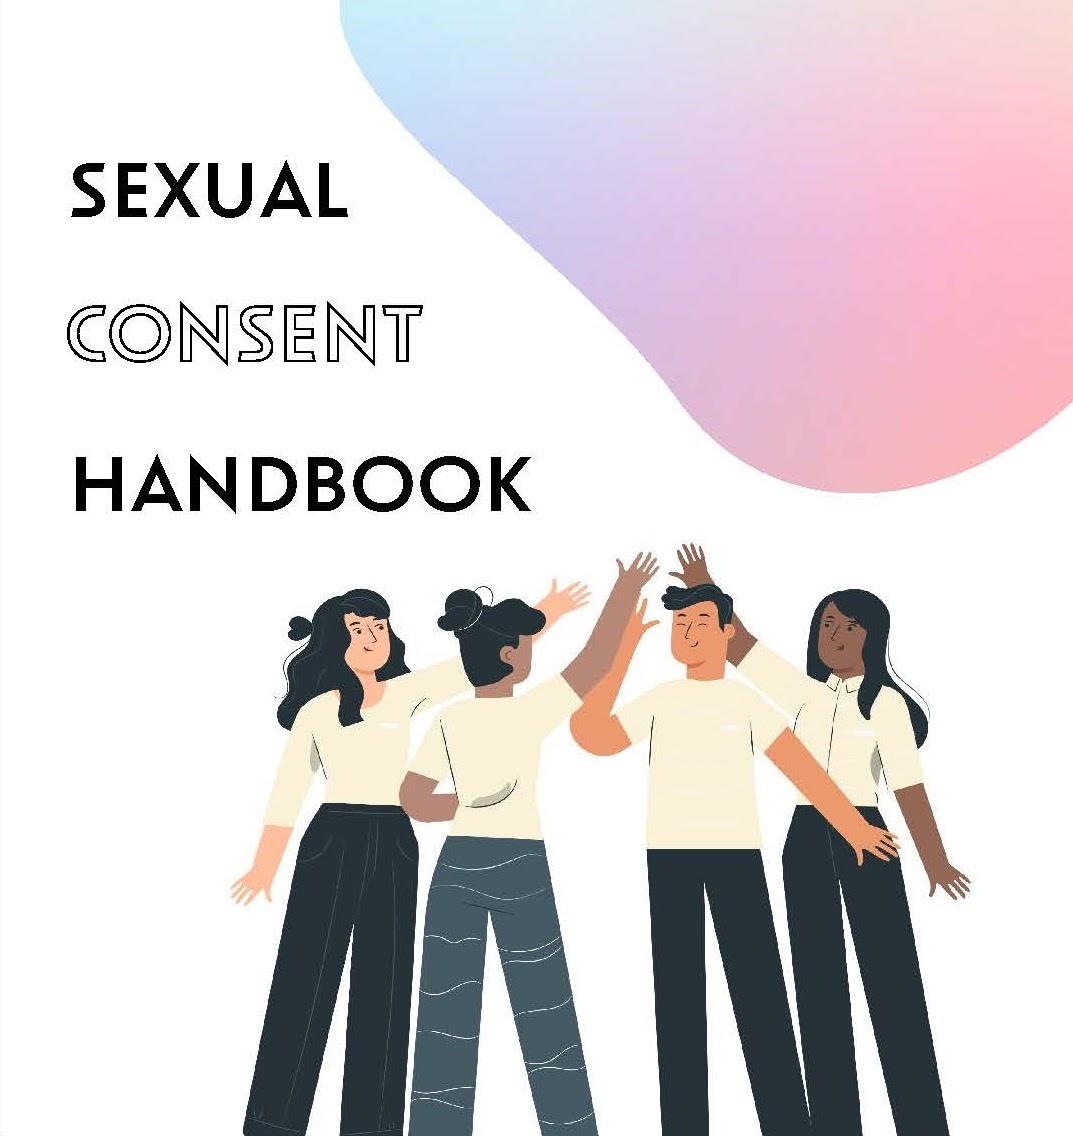 「慶應 性的同意ハンドブックがついに公開!」の画像